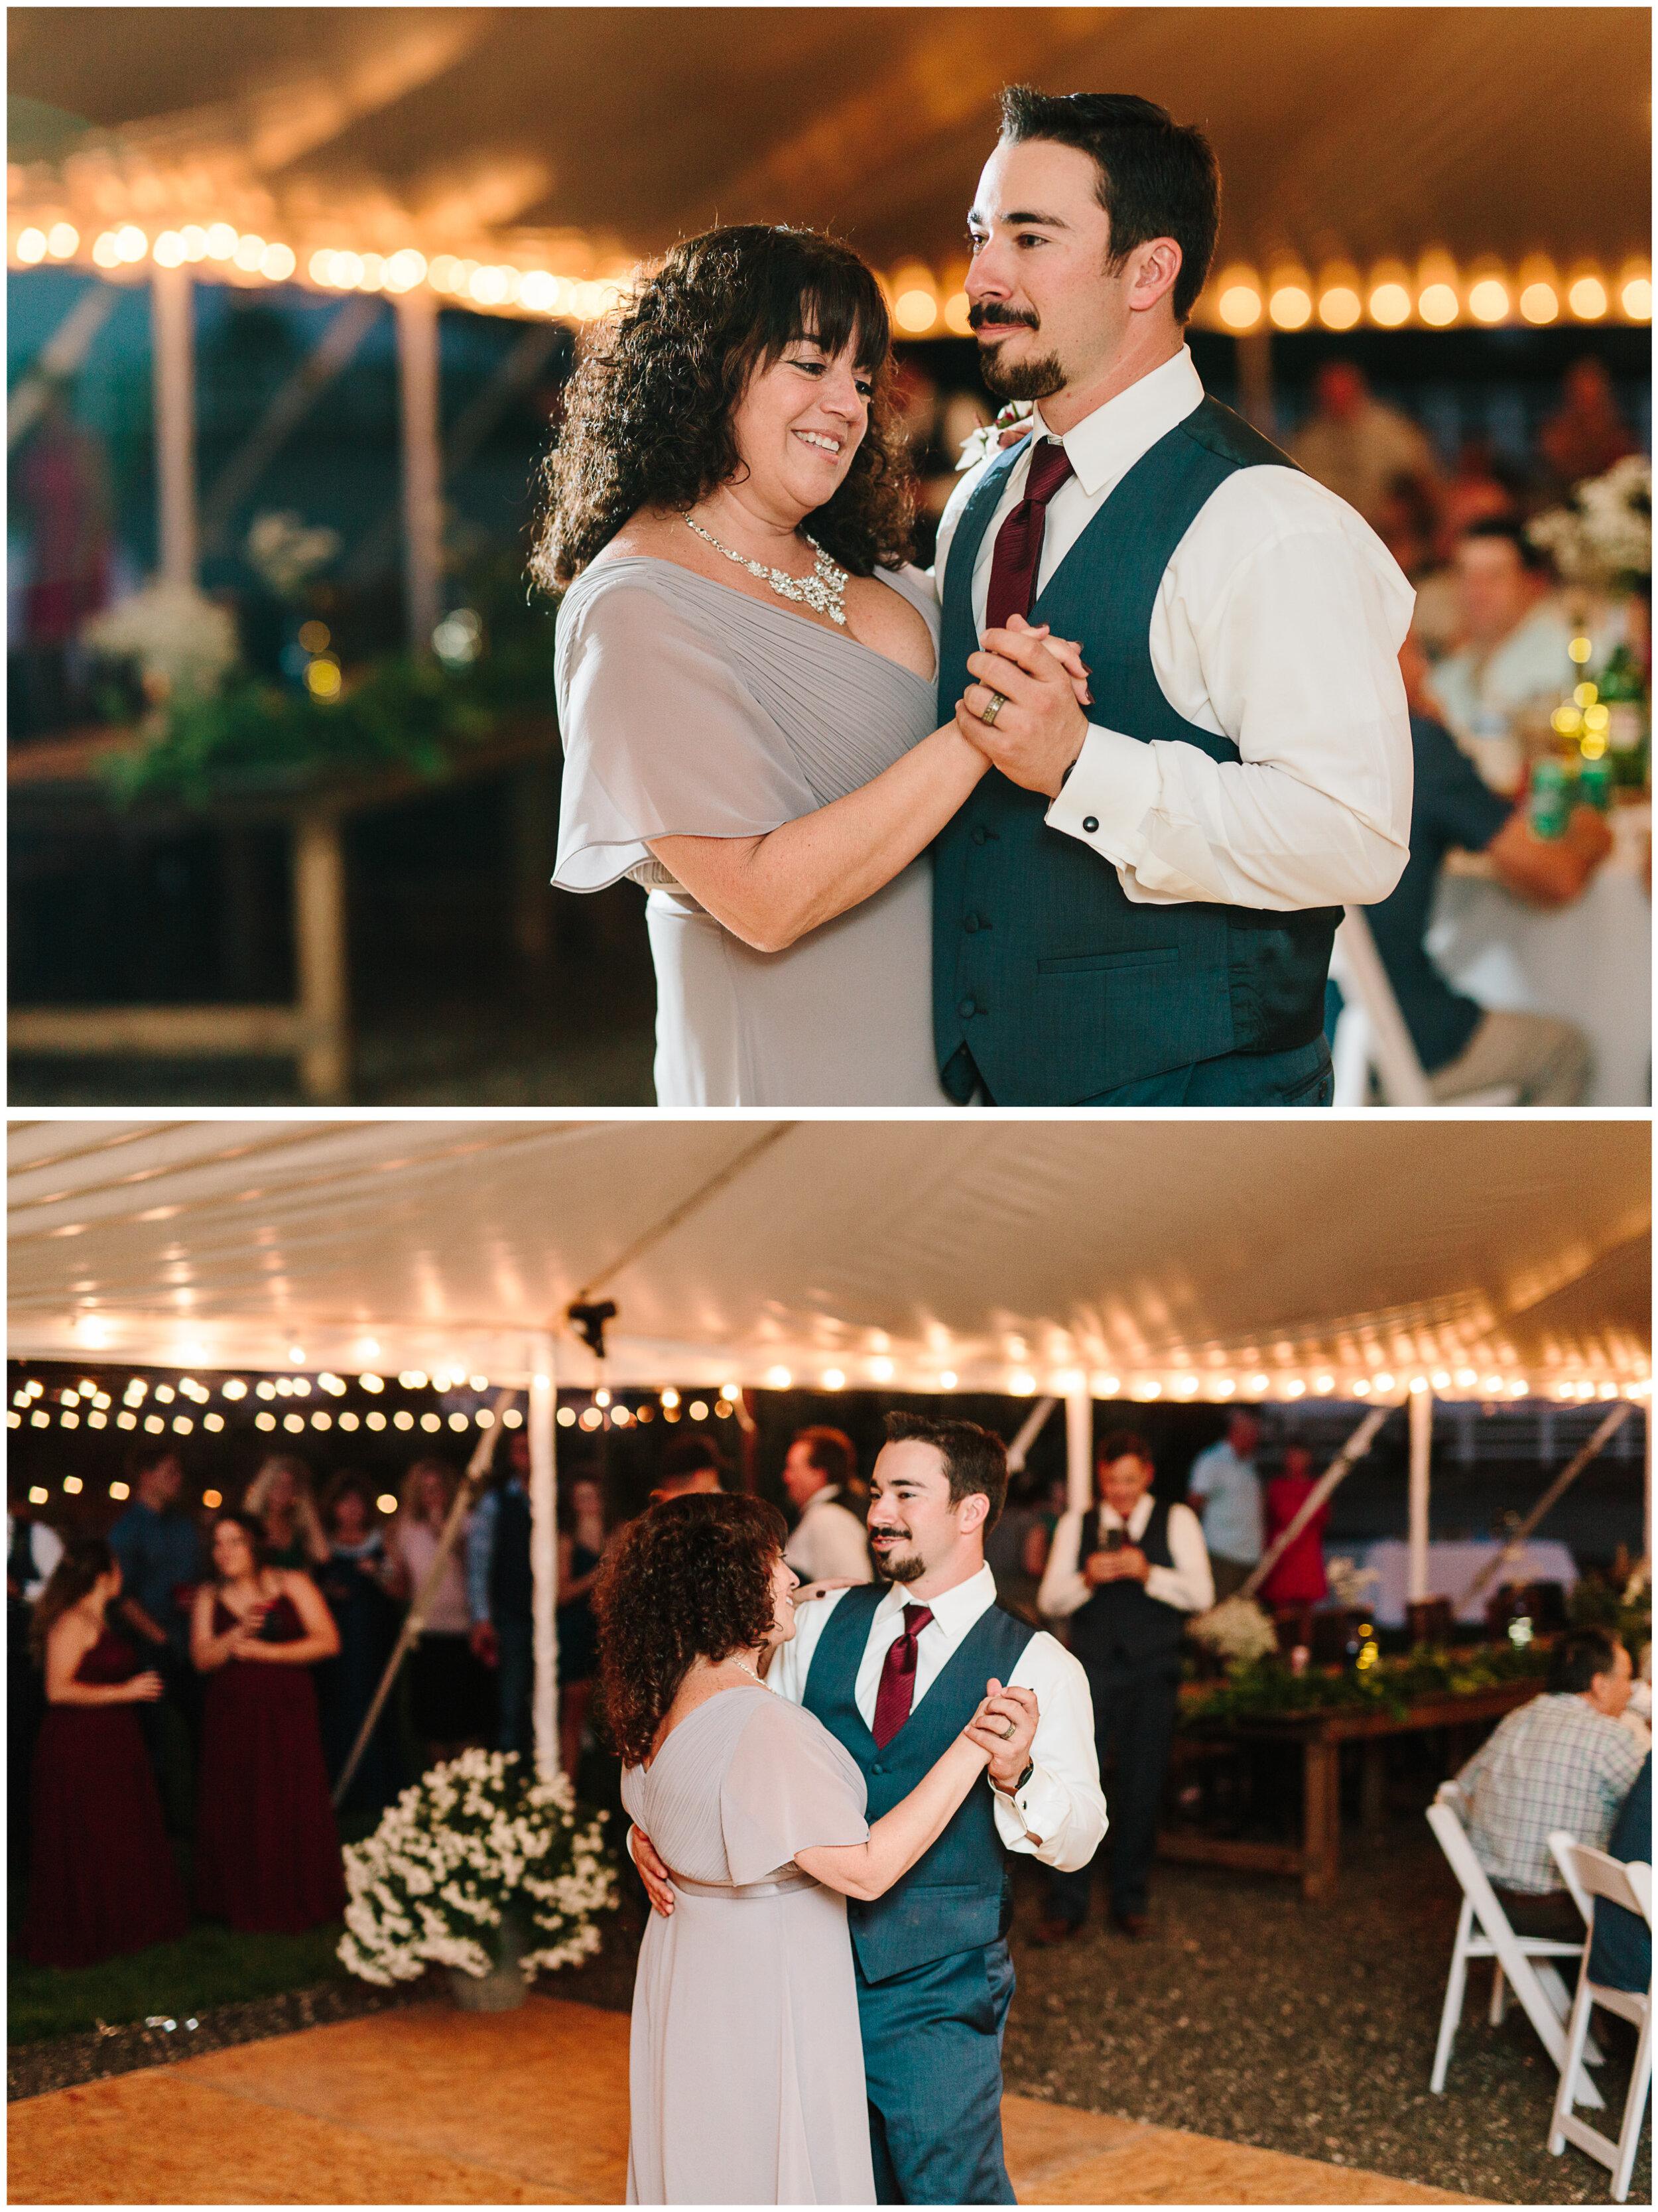 brighton_colorado_wedding_89.jpg